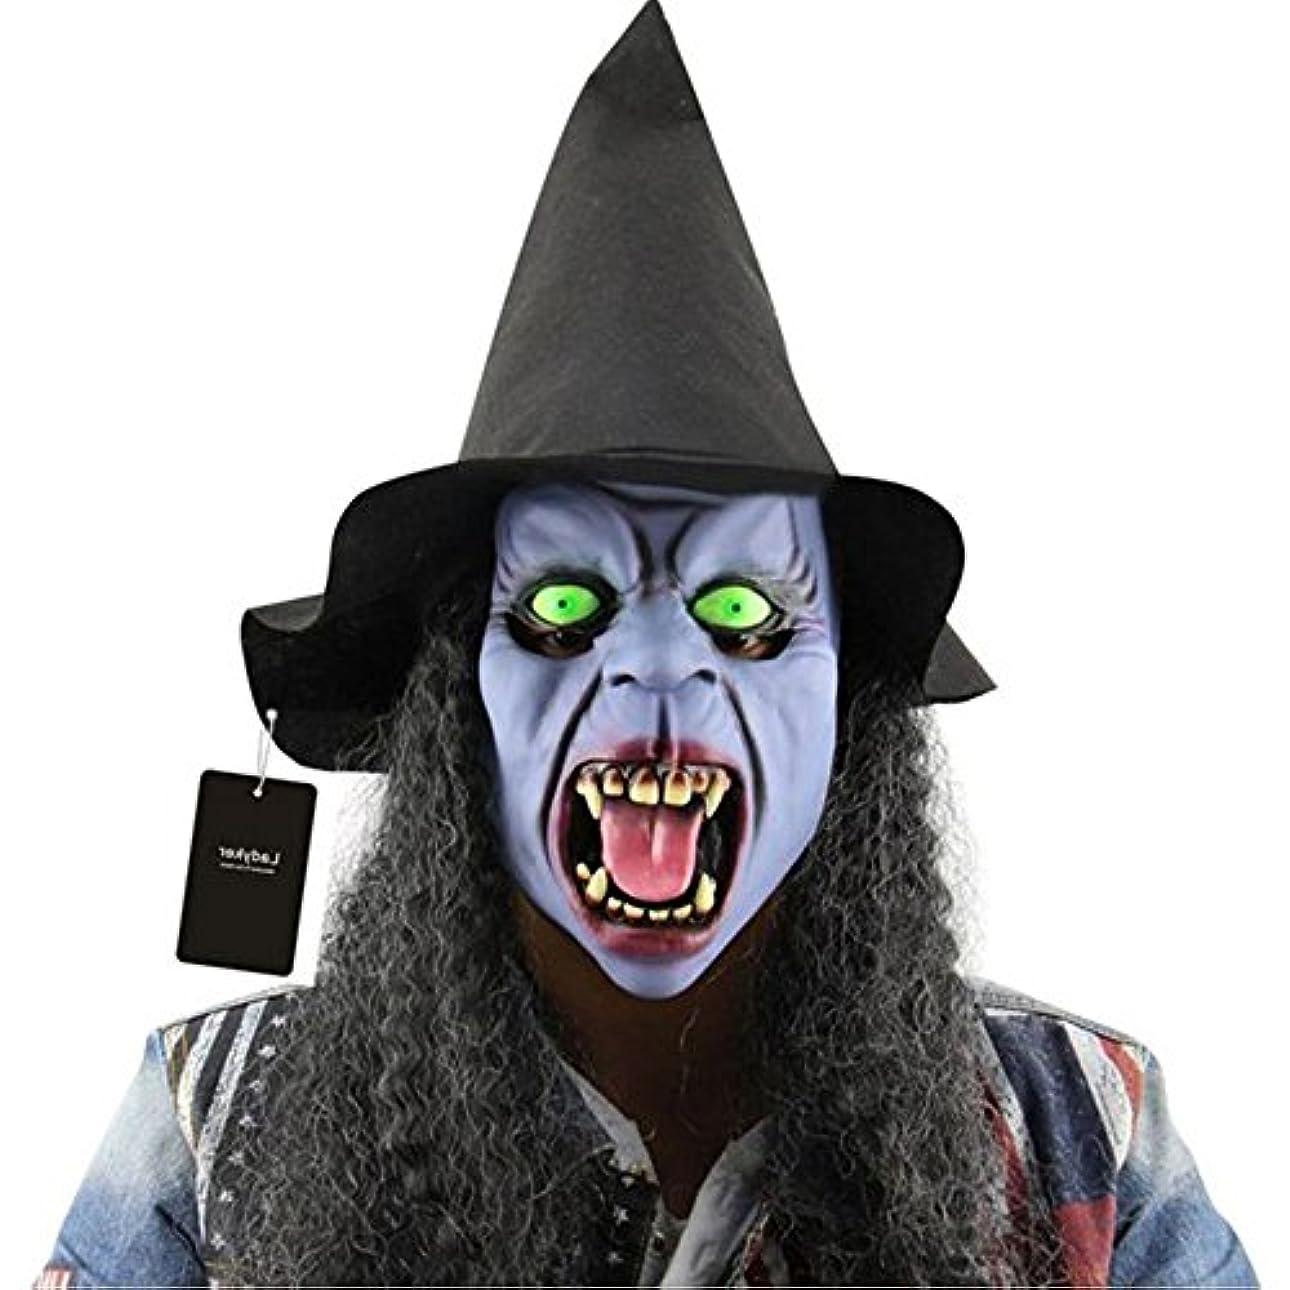 ピグマリオン十どれかAuntwhale ハロウィーンマスク大人恐怖コスチューム、ホラー夜の魔女ファンシーマスカレードパーティハロウィンマスク、フェスティバル通気性ギフトヘッドマスク